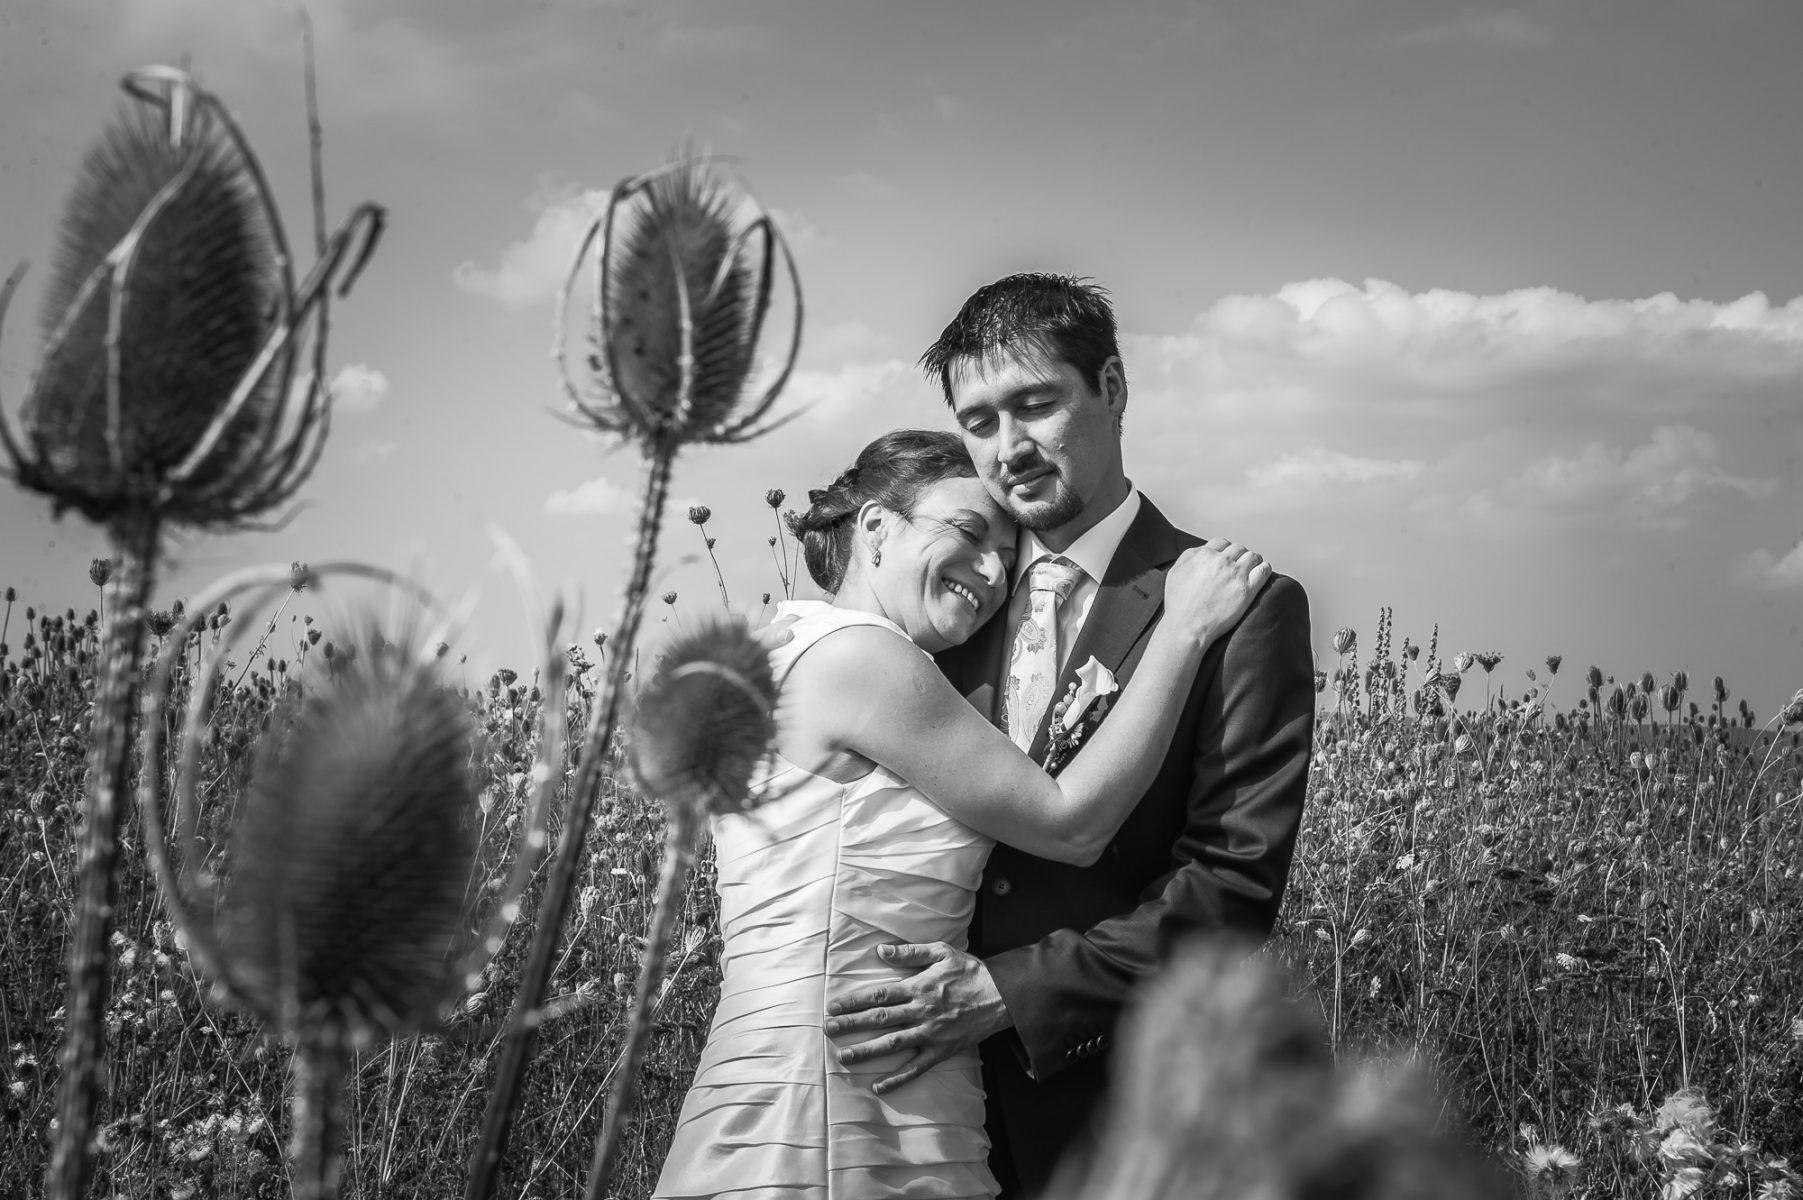 Hochzeit Paarfoto B2000  226894 1803x1200 - ZWEISAM